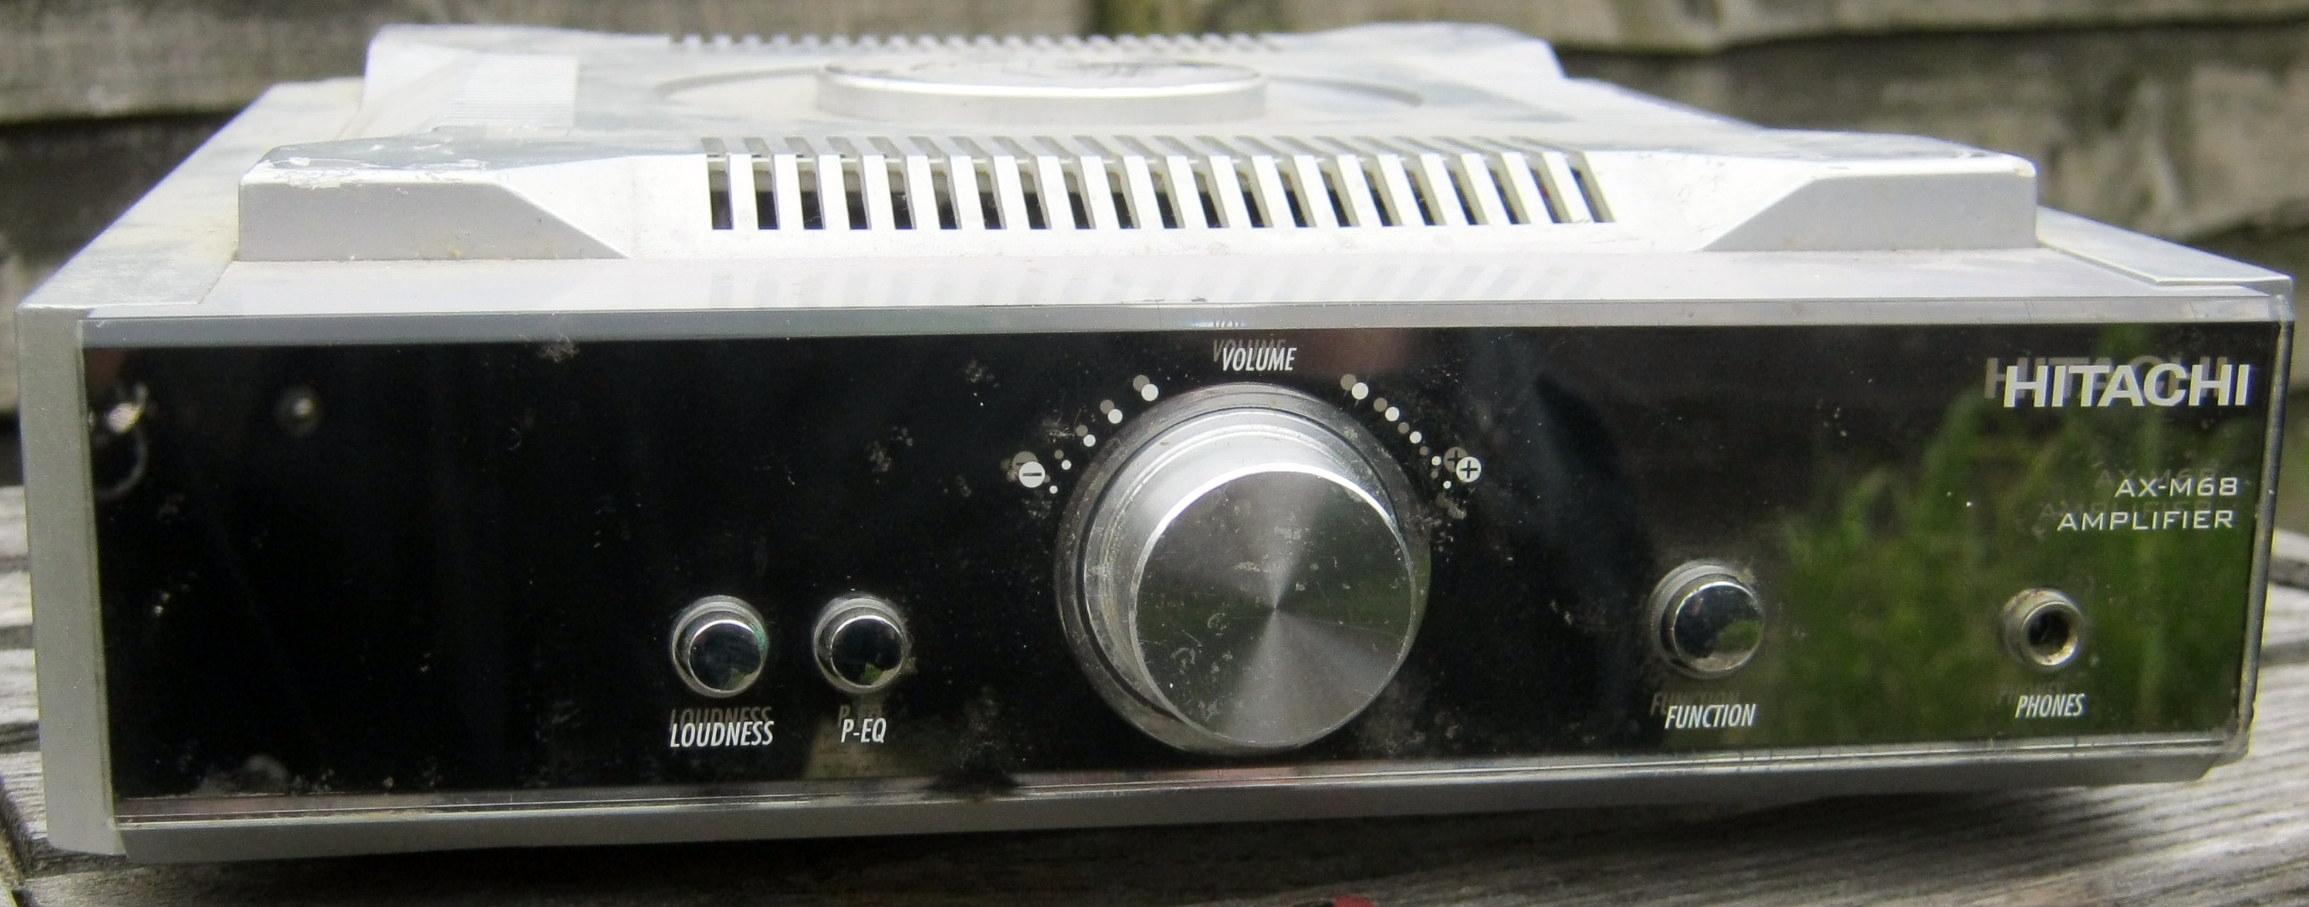 Hitachi AX-M68 amplifier front